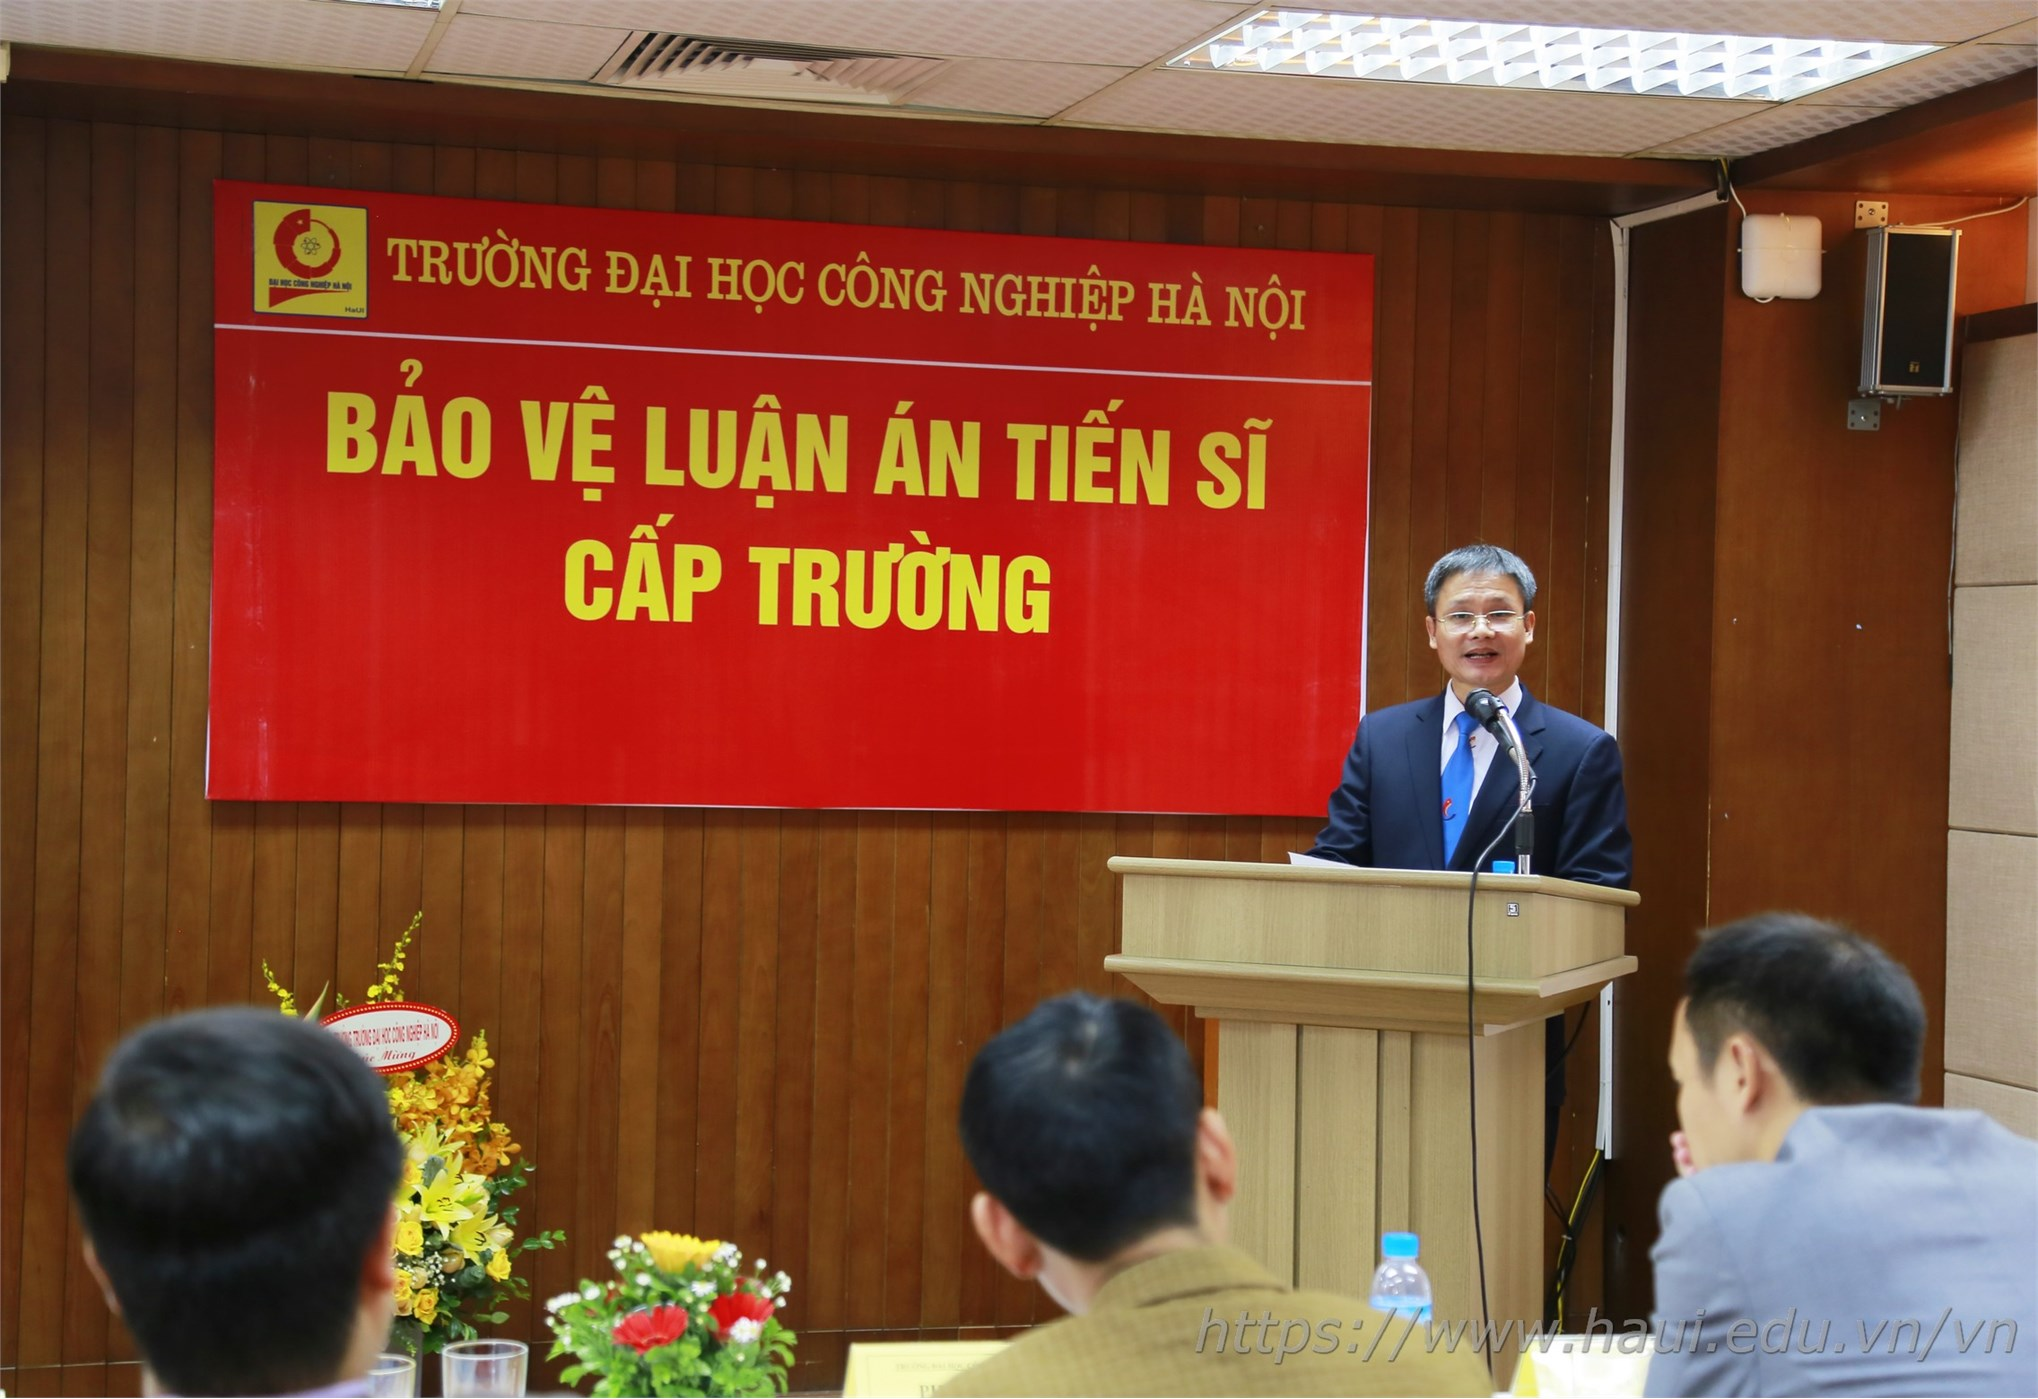 Bảo vệ Luận án Tiến sĩ cấp trường của Nghiên cứu sinh Nguyễn Văn Đức - chuyên ngành Kỹ thuật Cơ khí